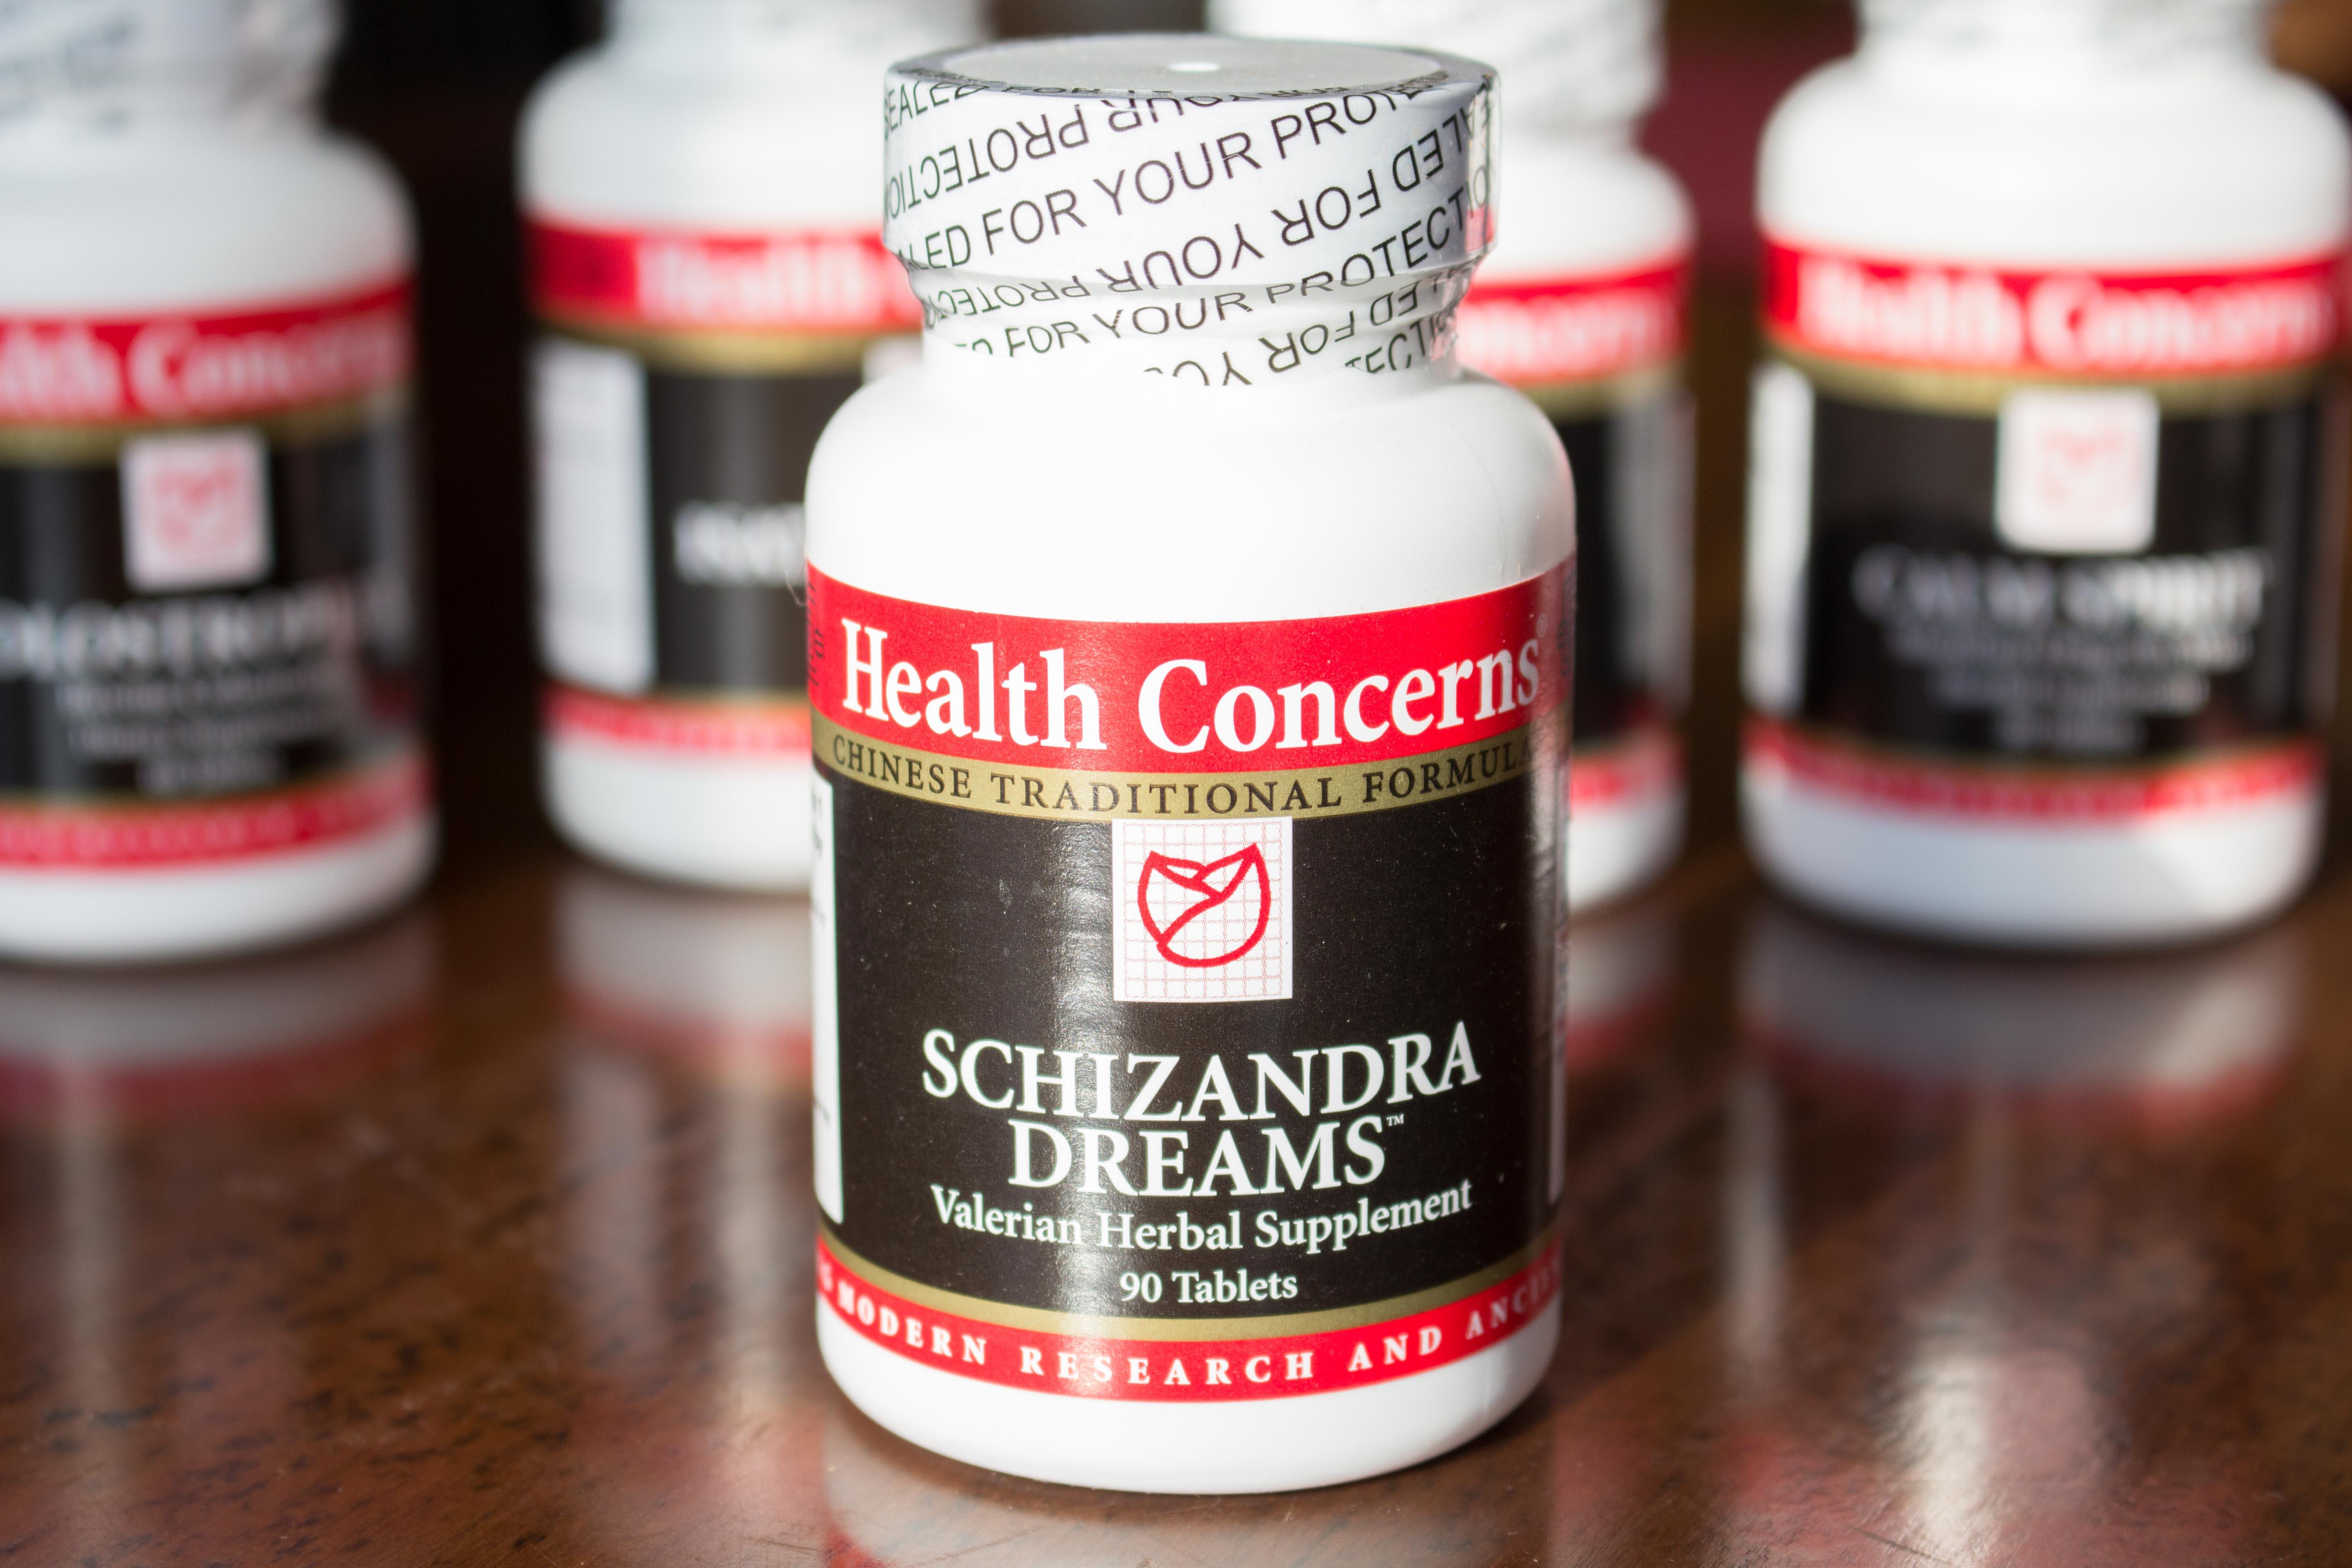 Health Concerns Schizandra Dreams